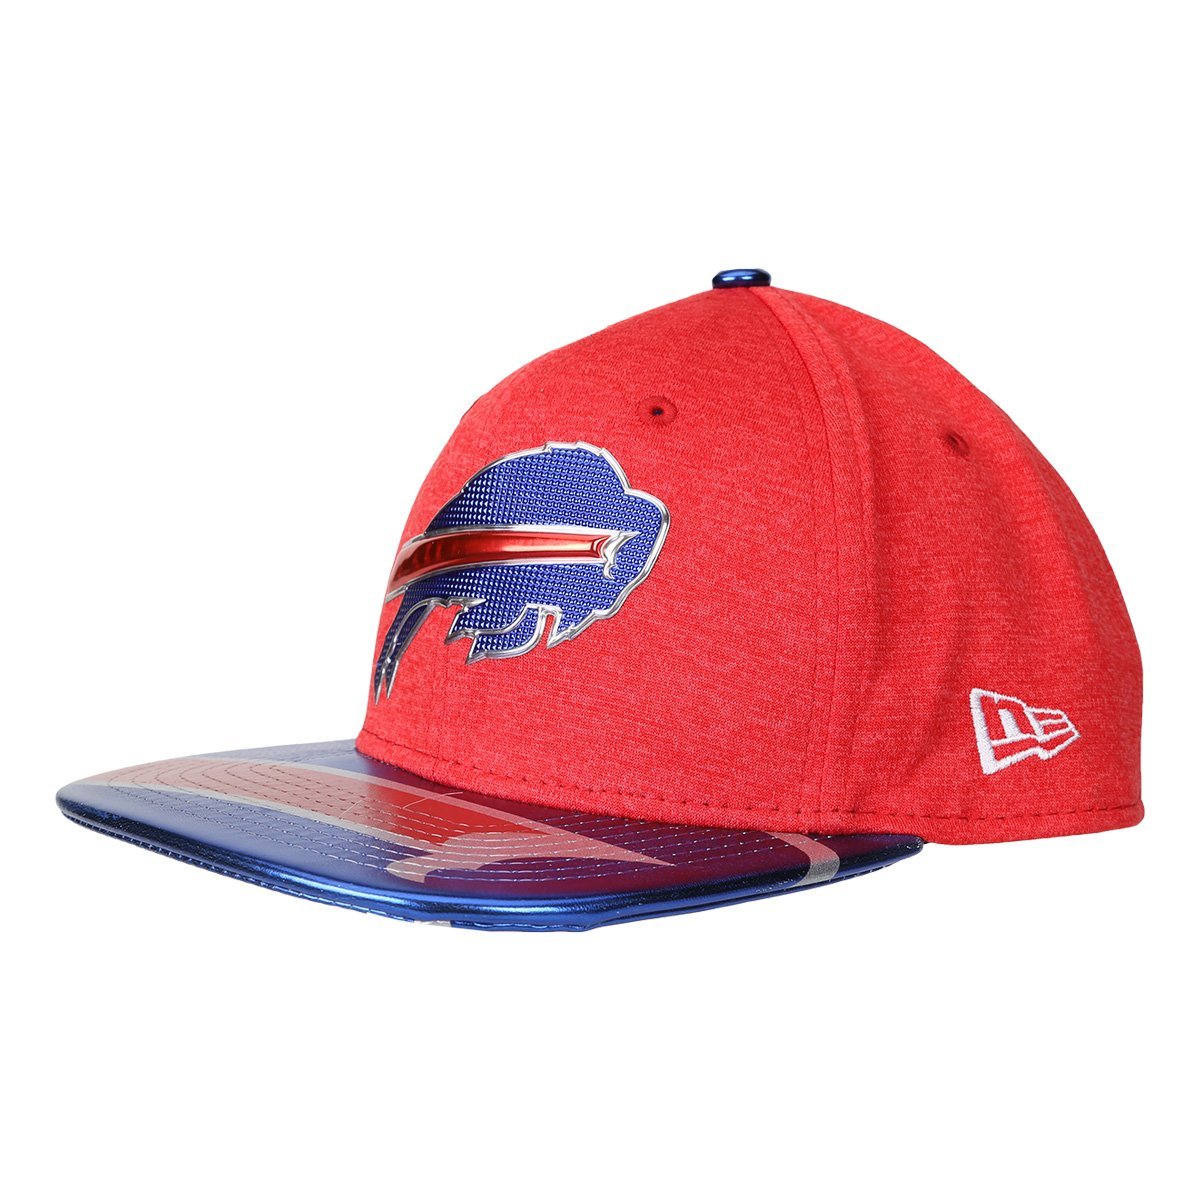 876efbab722d9 Boné New Era NFL Buffalo Bills Aba Reta 950 Original Fit Sn On Stage  Masculino - Vermelho e Marinho - Compre Agora